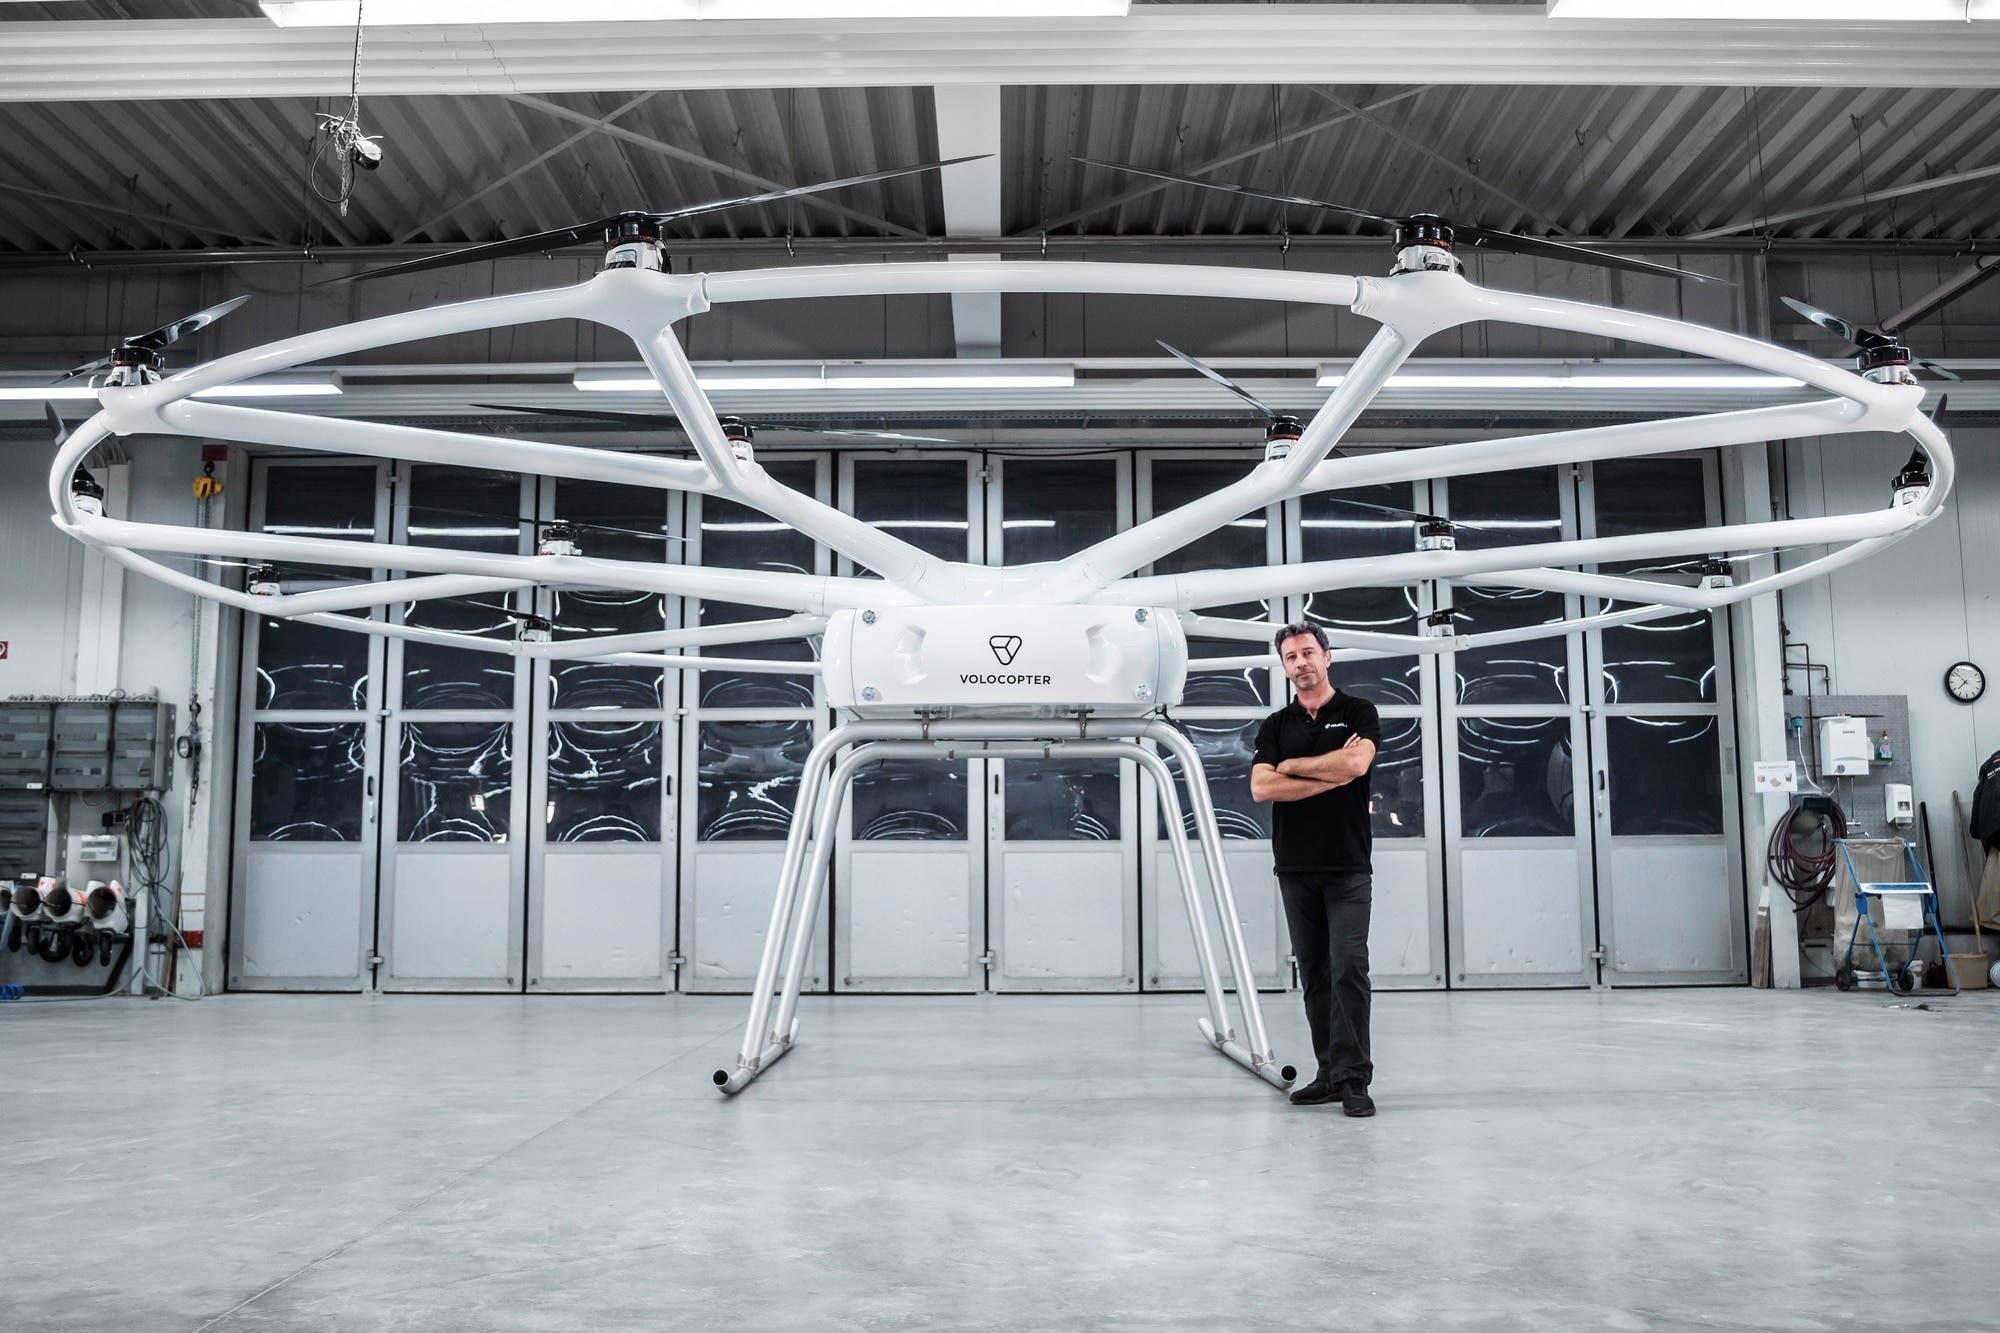 Este es VoloDrone, el impresionante drone que puede cargar hasta 200 kilos